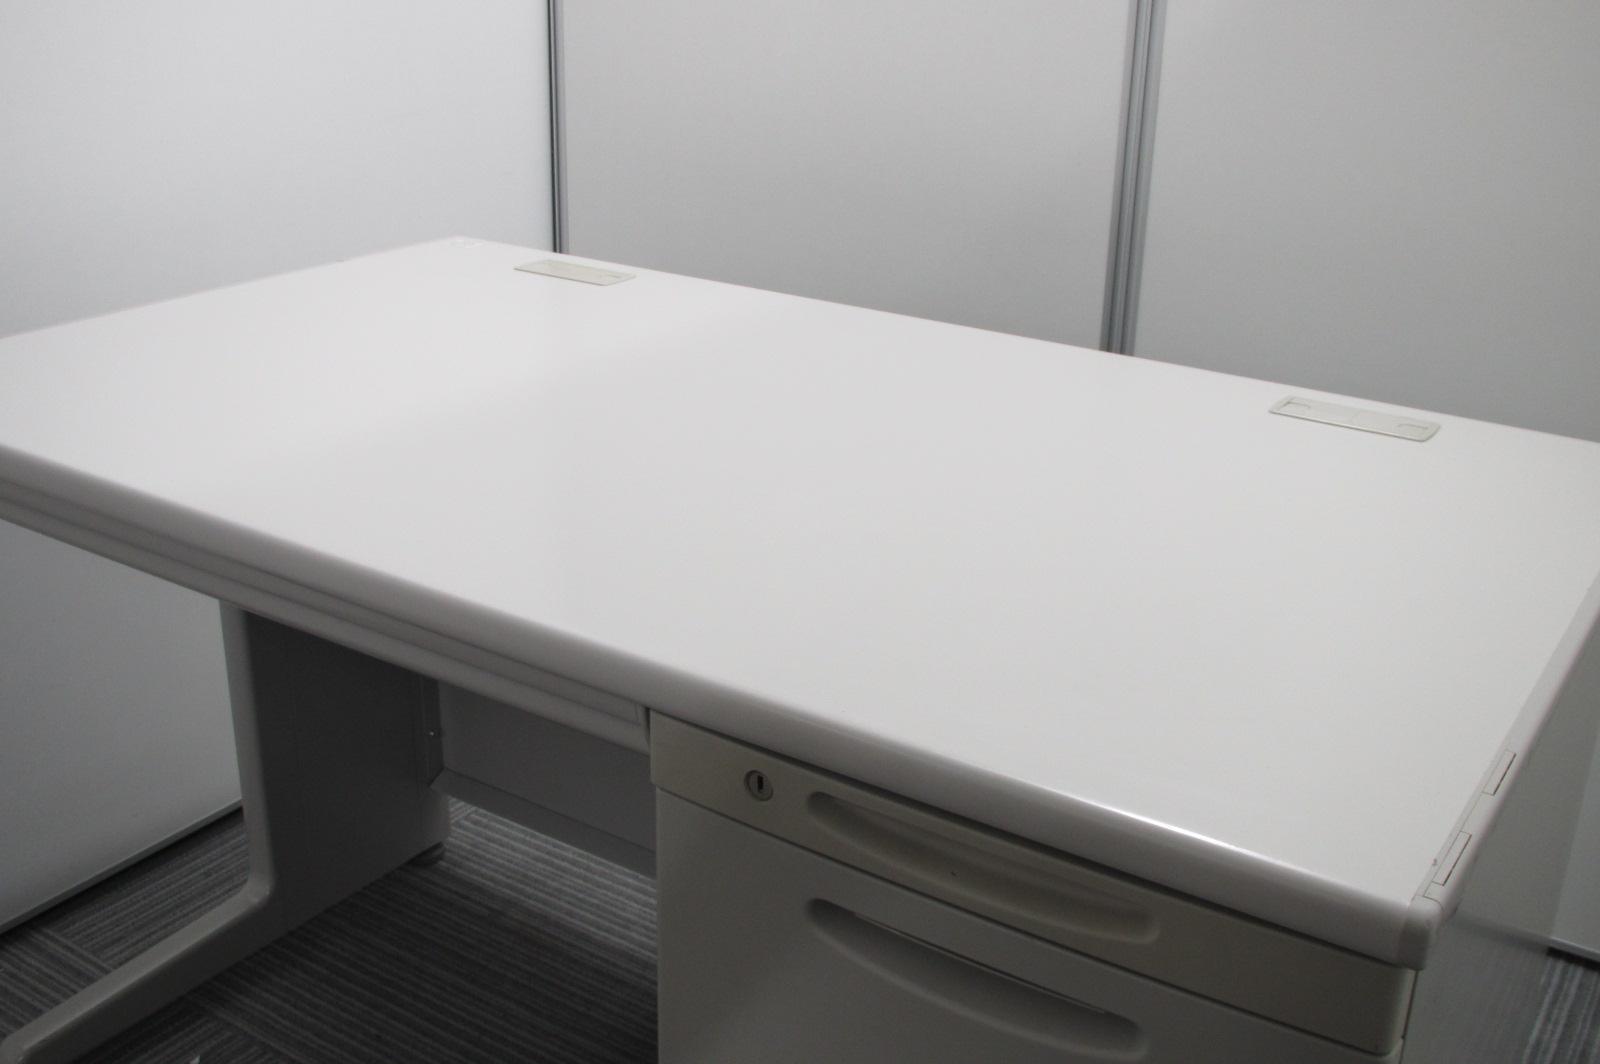 オフィスデスクの超定番シリーズと言えばこれです!|SDシリーズ[SD Desk system](中古)